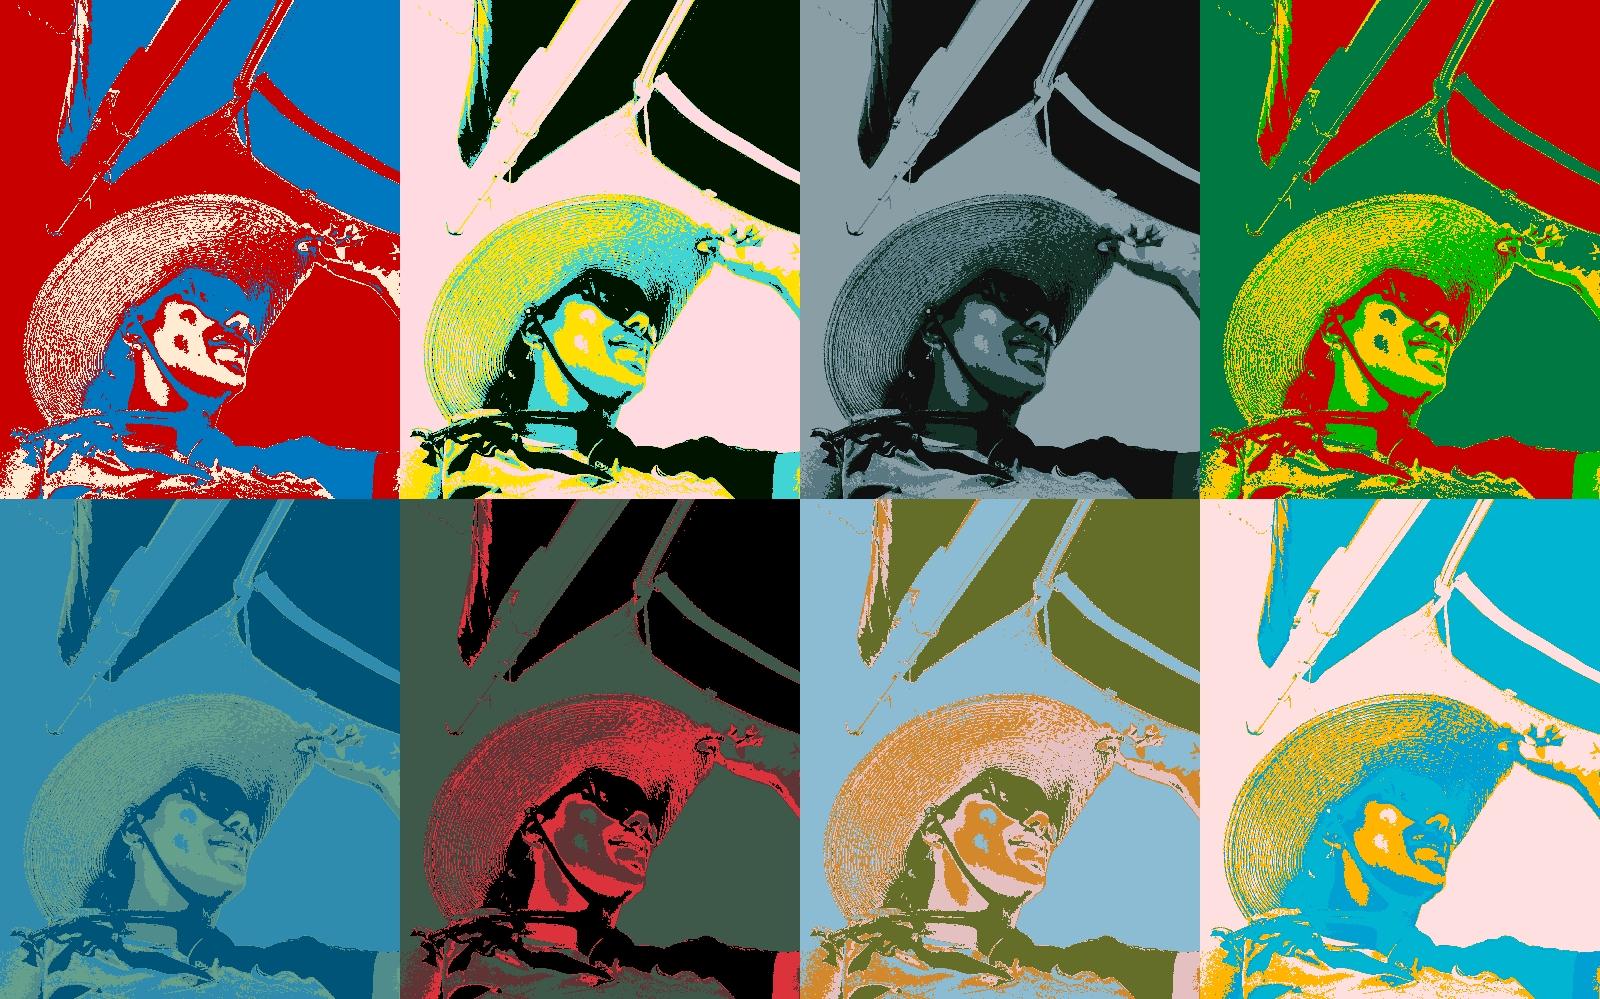 Download Gratis Gambar Wallpaper Pop Art Serta Efek Lainnya Untuk Desktop Monitor